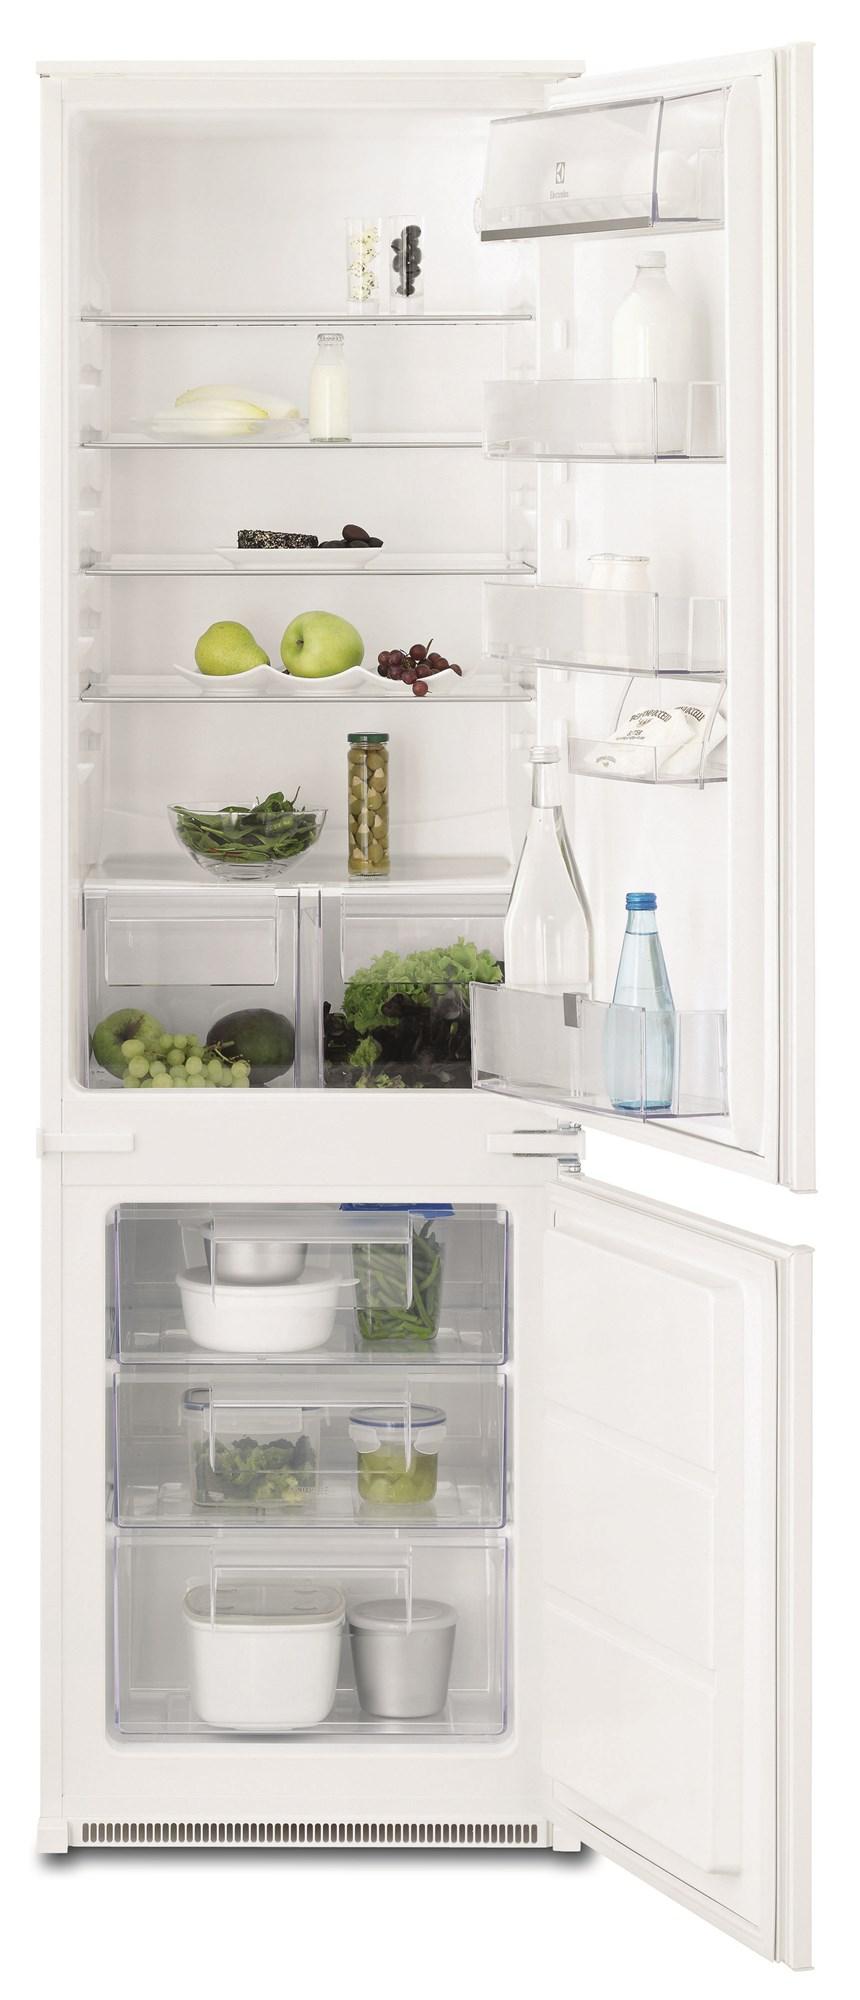 Купить Встраиваемые холодильники